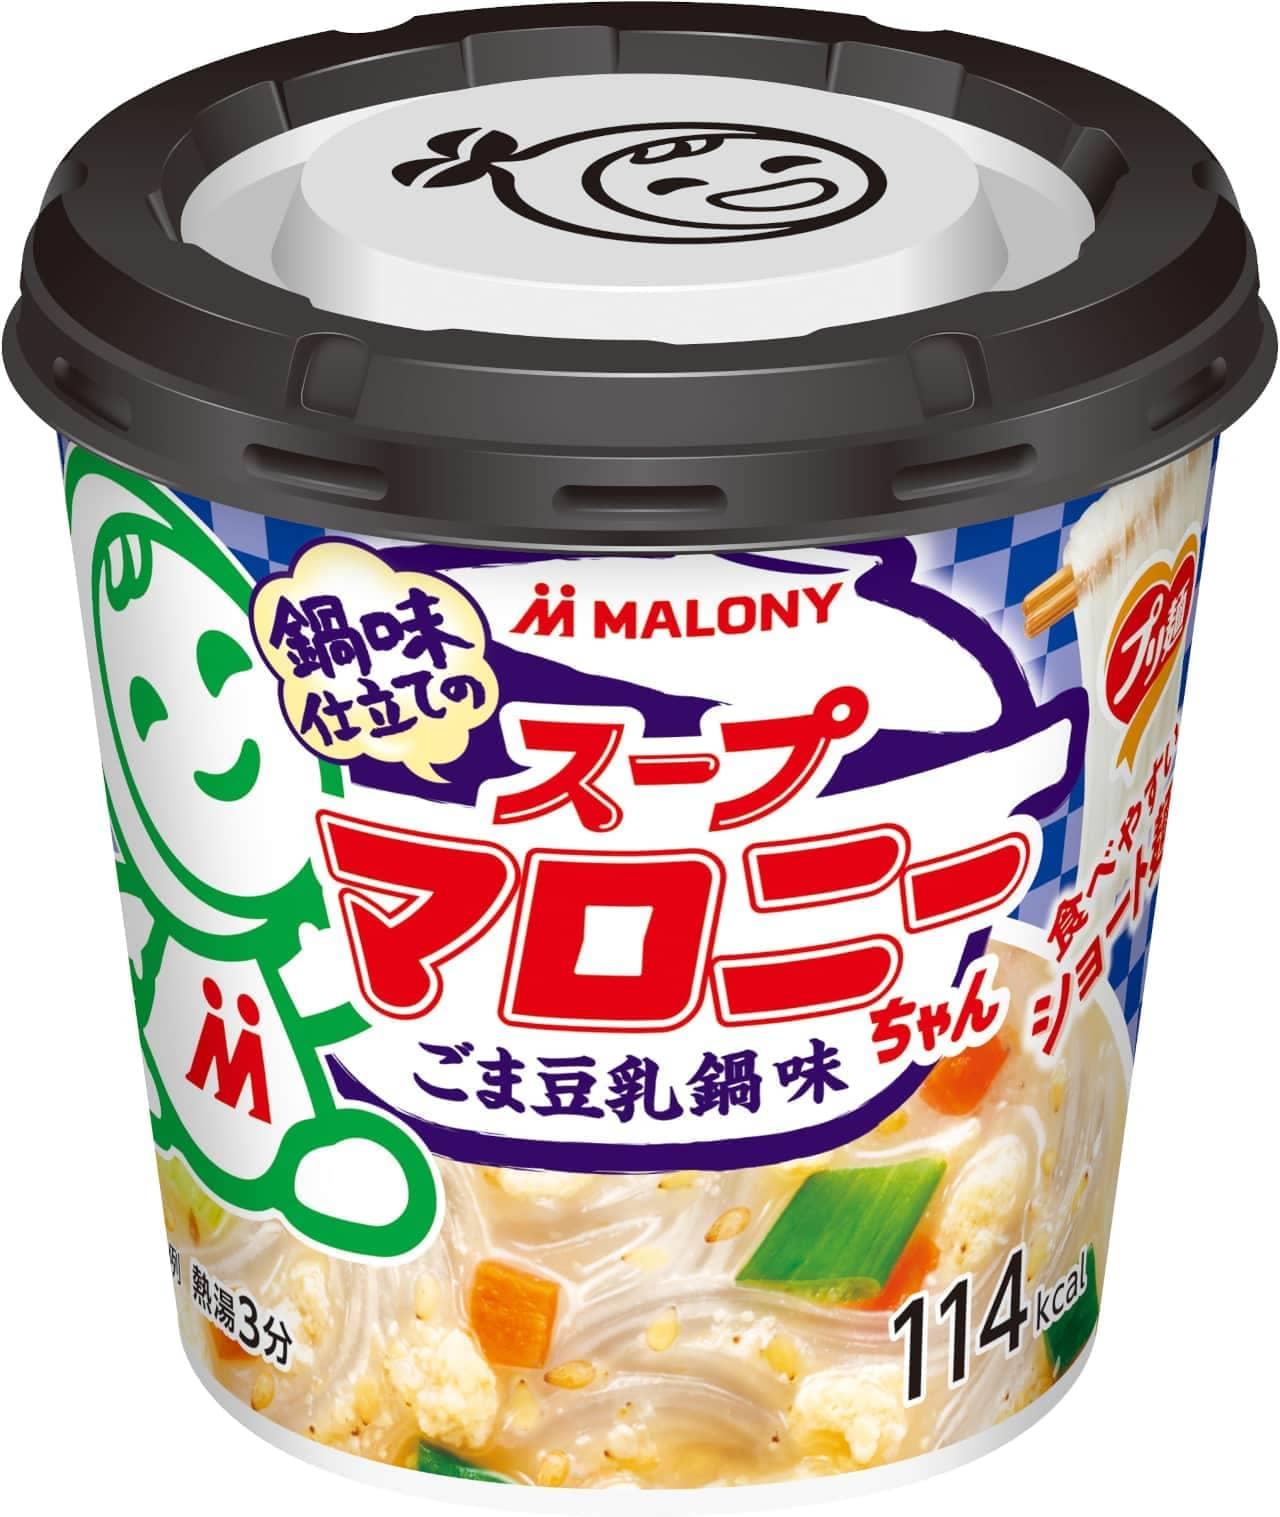 鍋味仕立てのスープマロニーちゃん<ごま豆乳鍋味>